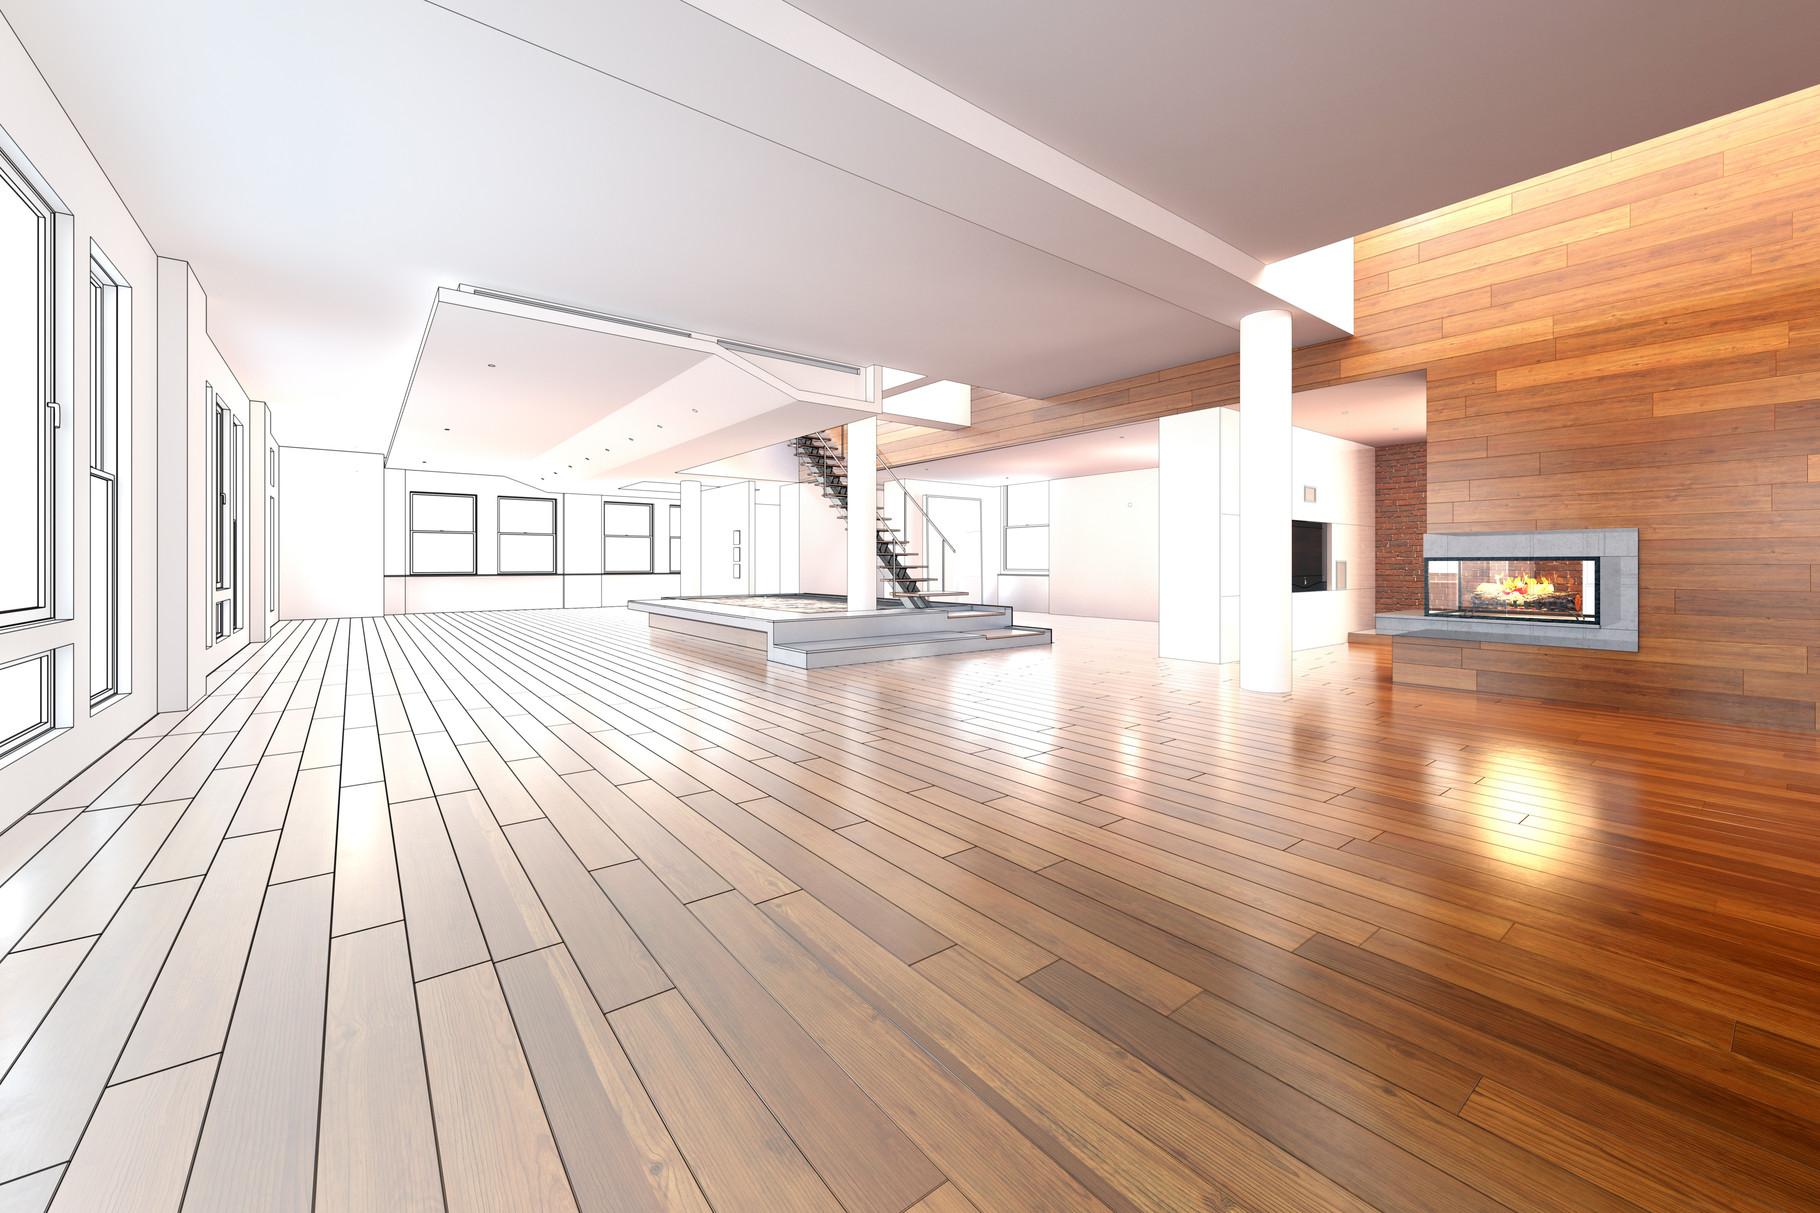 gleinig innenausbau und raumdesign gleinig innenausbau und raumdesign. Black Bedroom Furniture Sets. Home Design Ideas